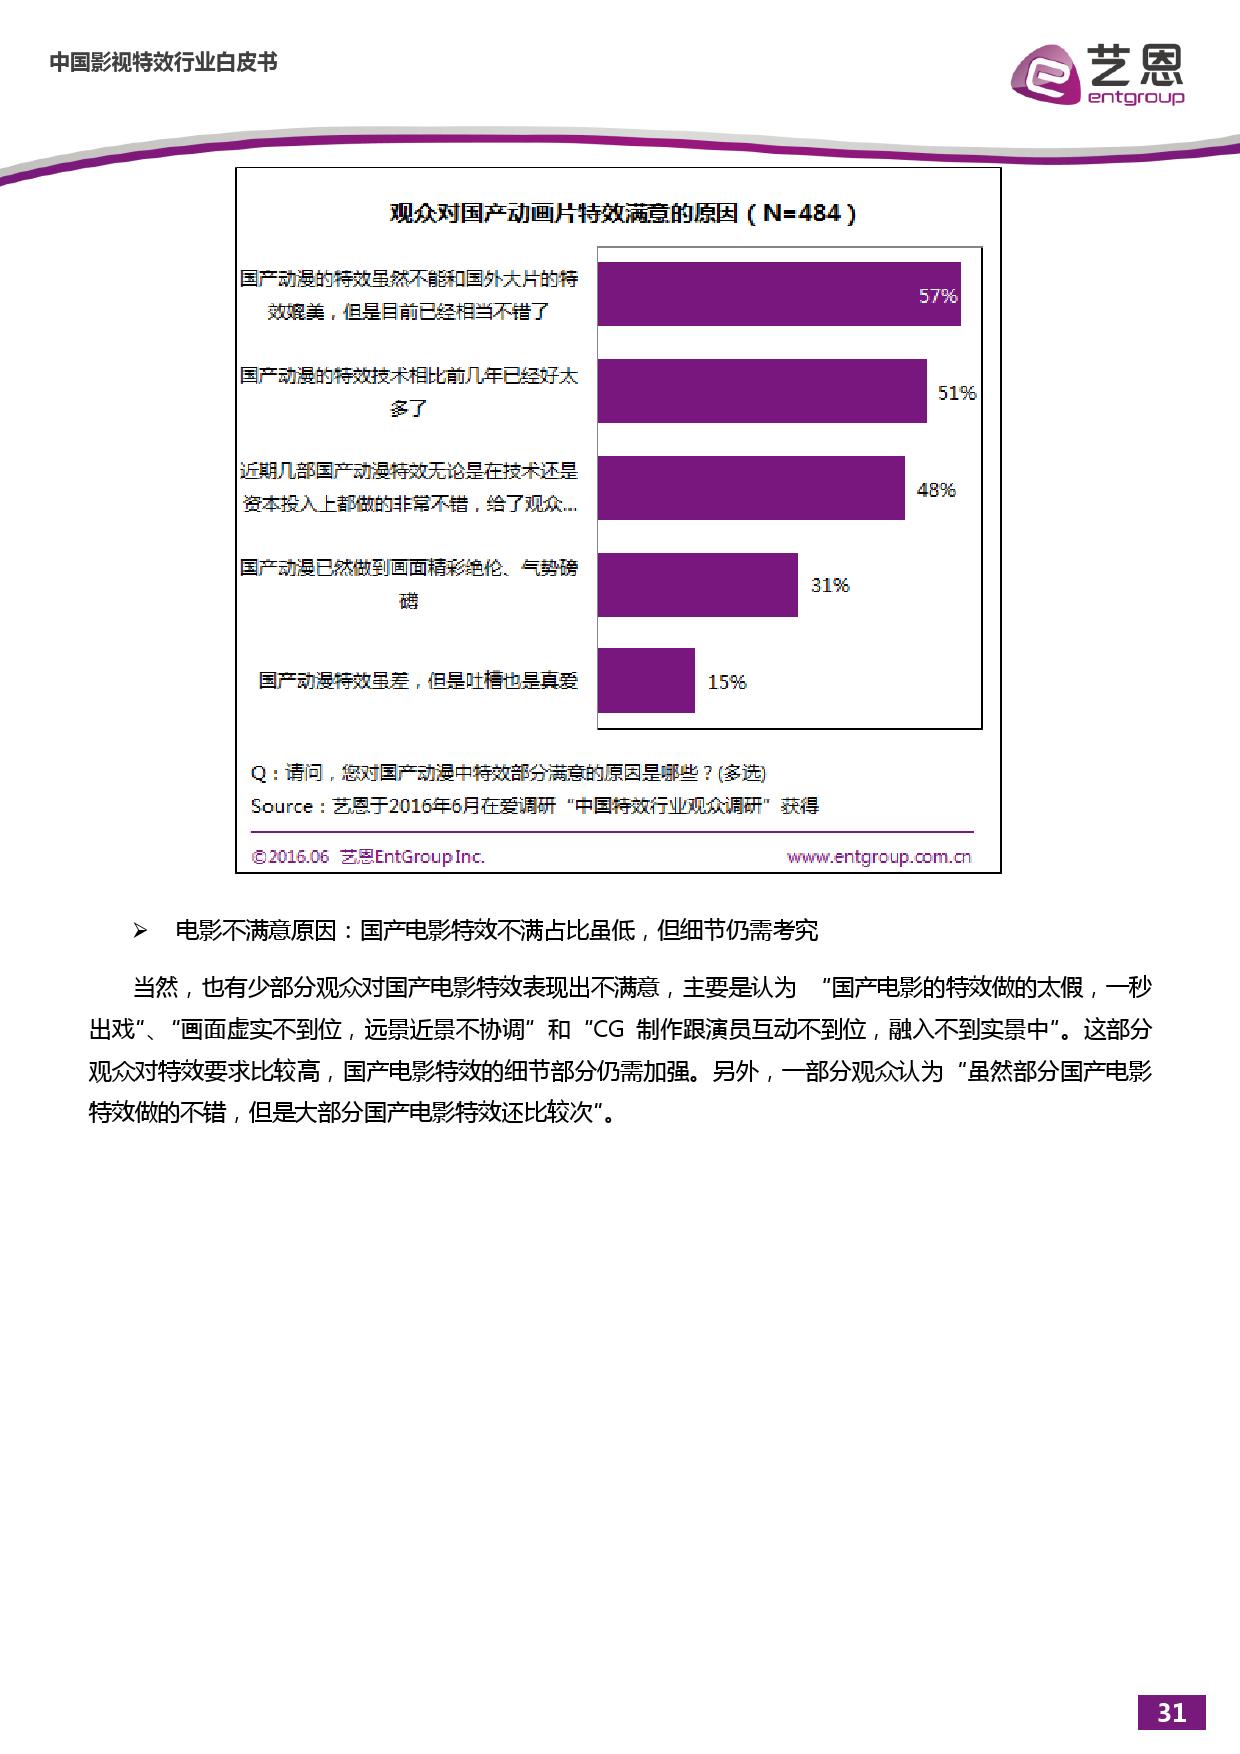 %e4%b8%ad%e5%9b%bd%e5%bd%b1%e8%a7%86%e7%89%b9%e6%95%88%e5%b8%82%e5%9c%ba%e7%a0%94%e7%a9%b6%e6%8a%a5%e5%91%8a_000032